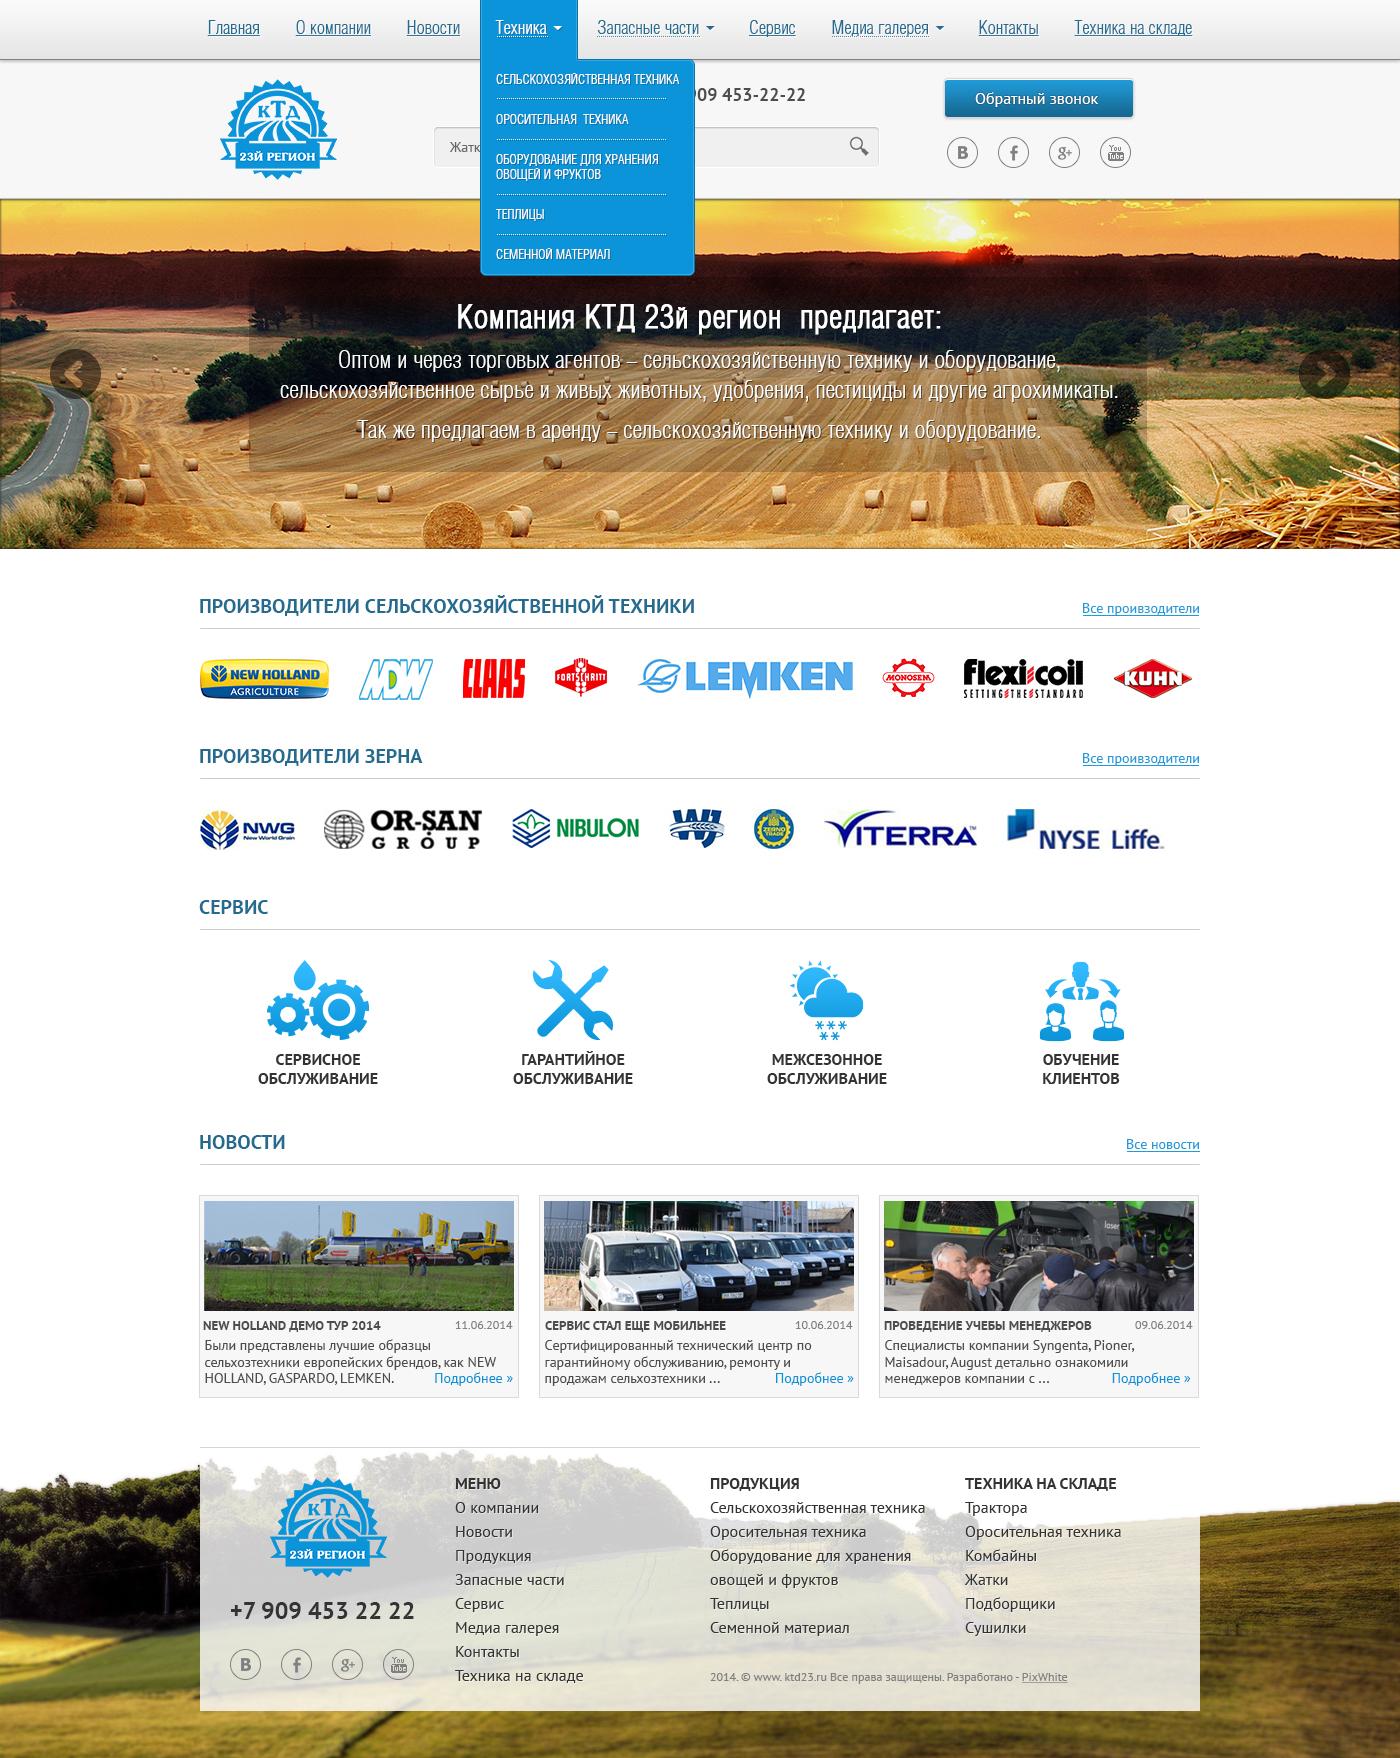 Дизайн сайта сельхоз техники фото f_6915399834e8b3c4.jpg